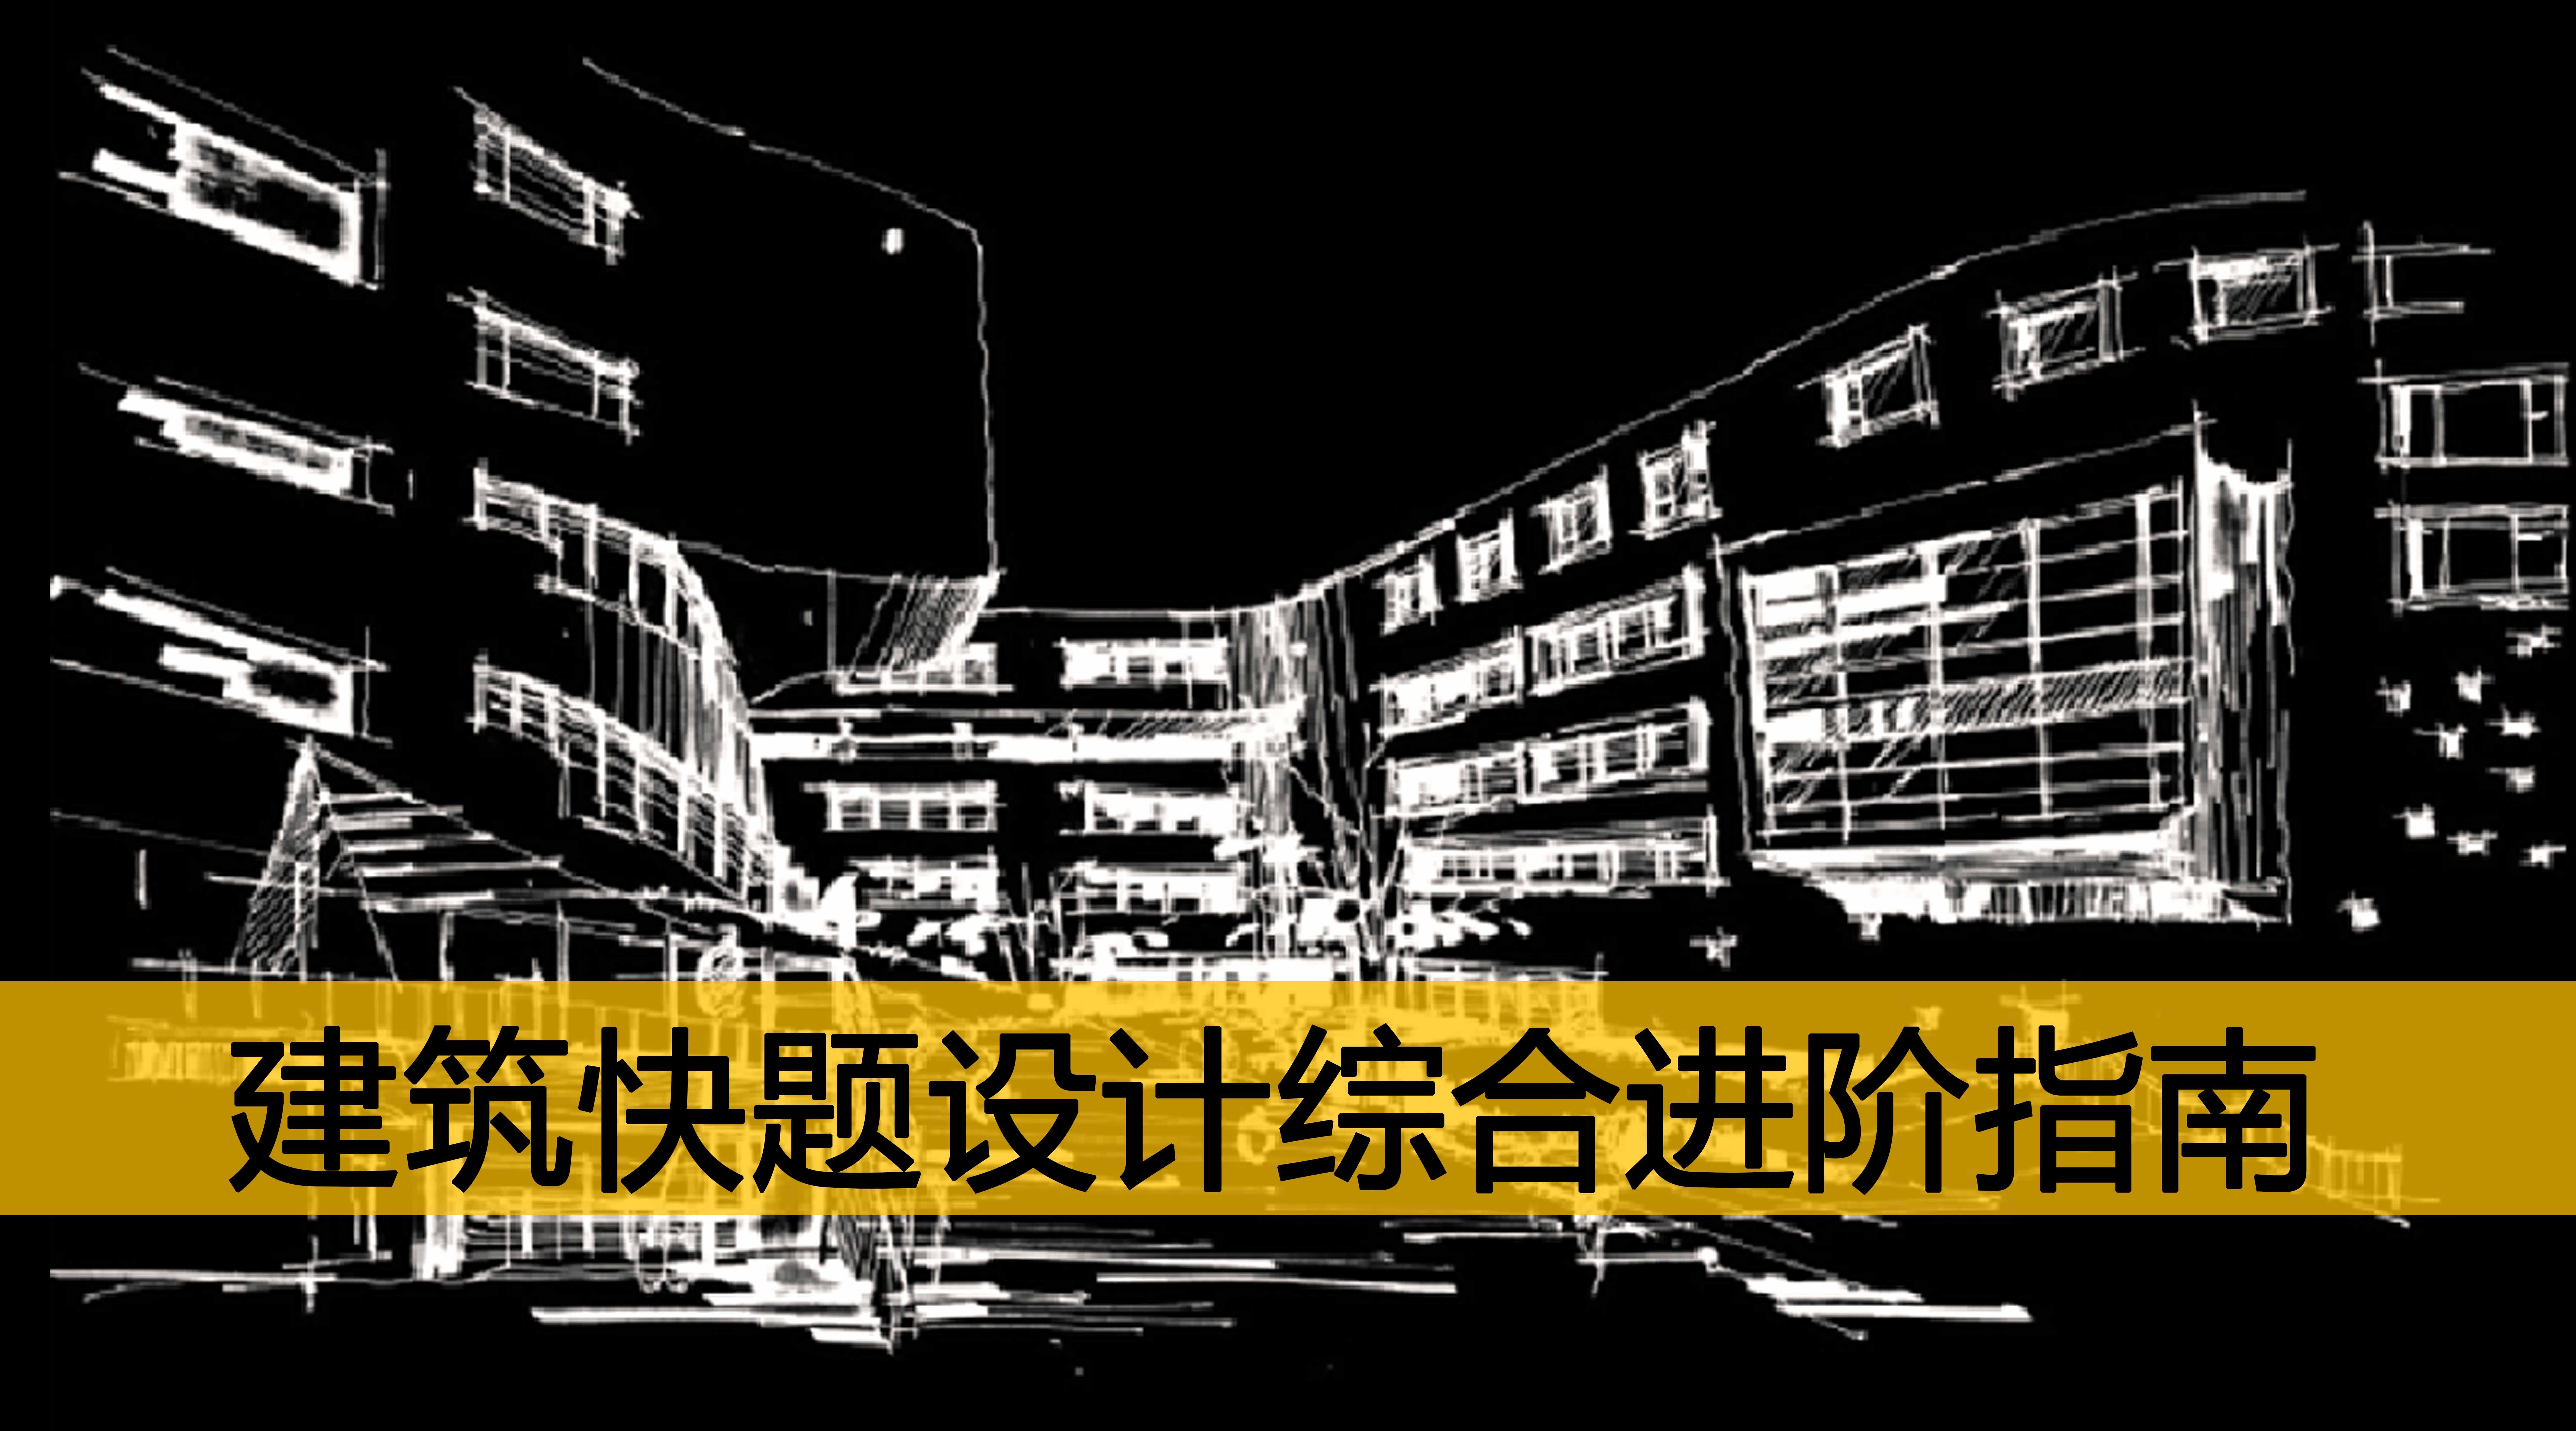 06/14 《建筑快题设计及理论学习指南-导学篇(北方院校)》